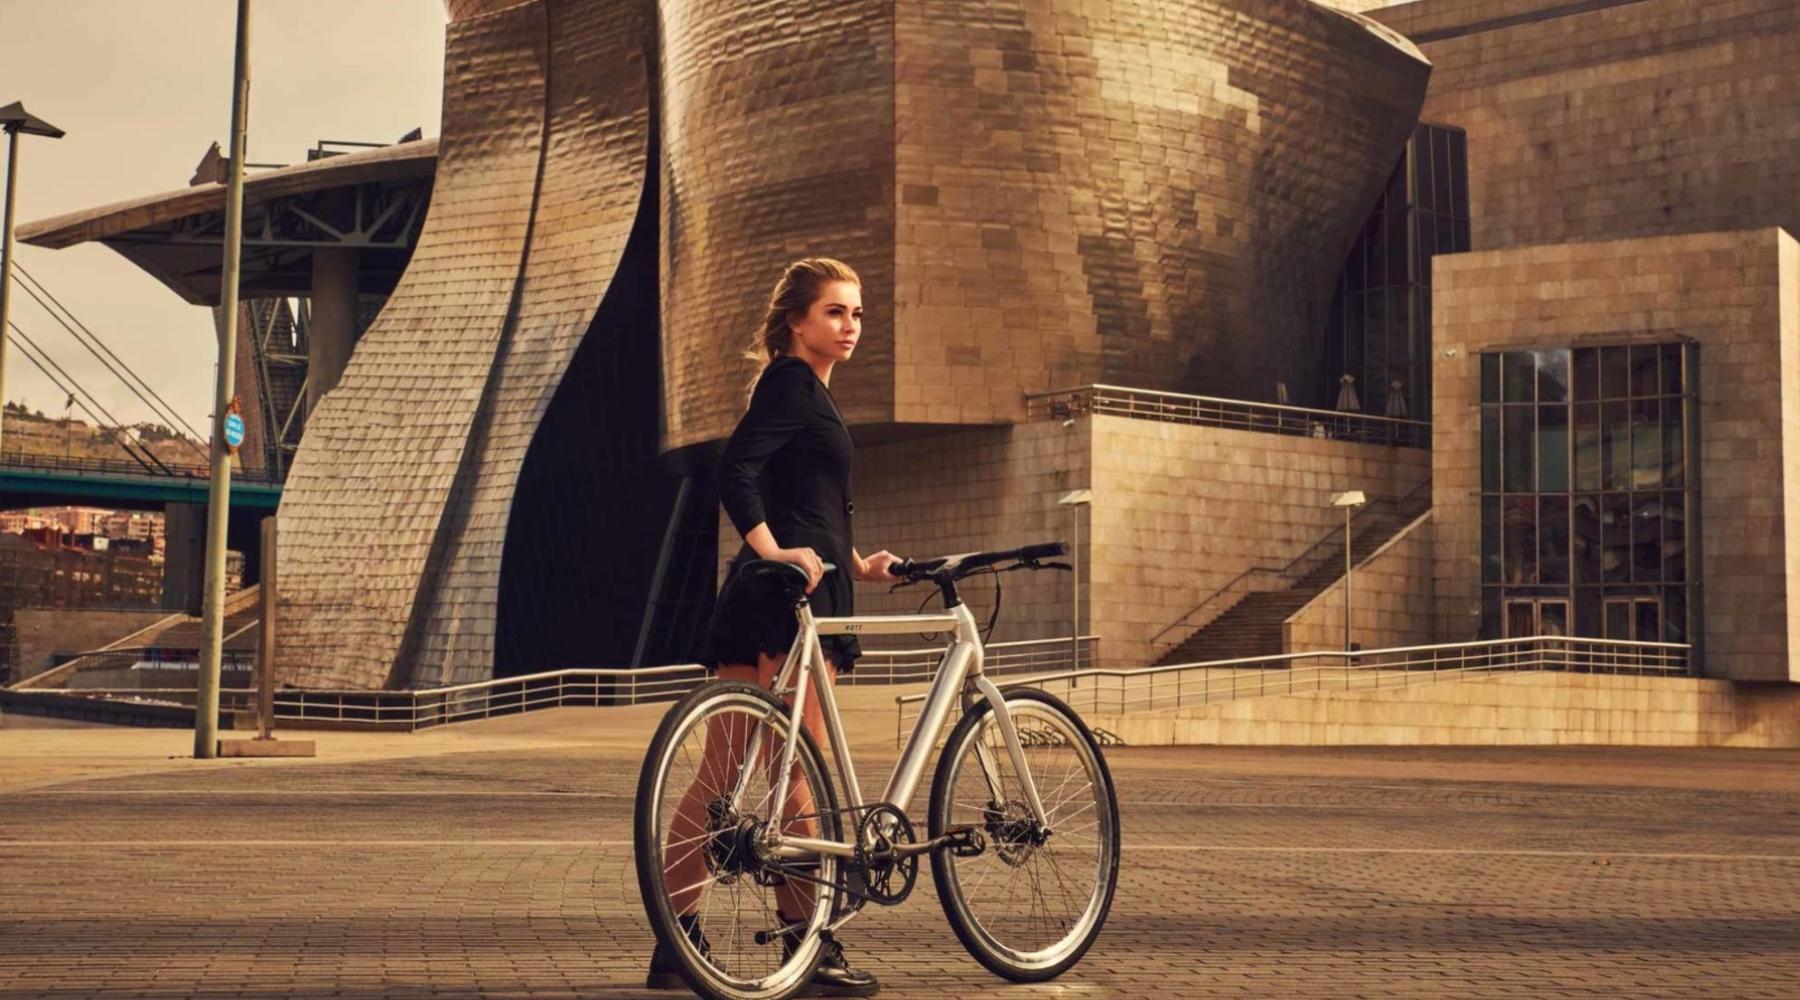 Verkoop elektrische fietsen neemt vlucht door coronacrisis